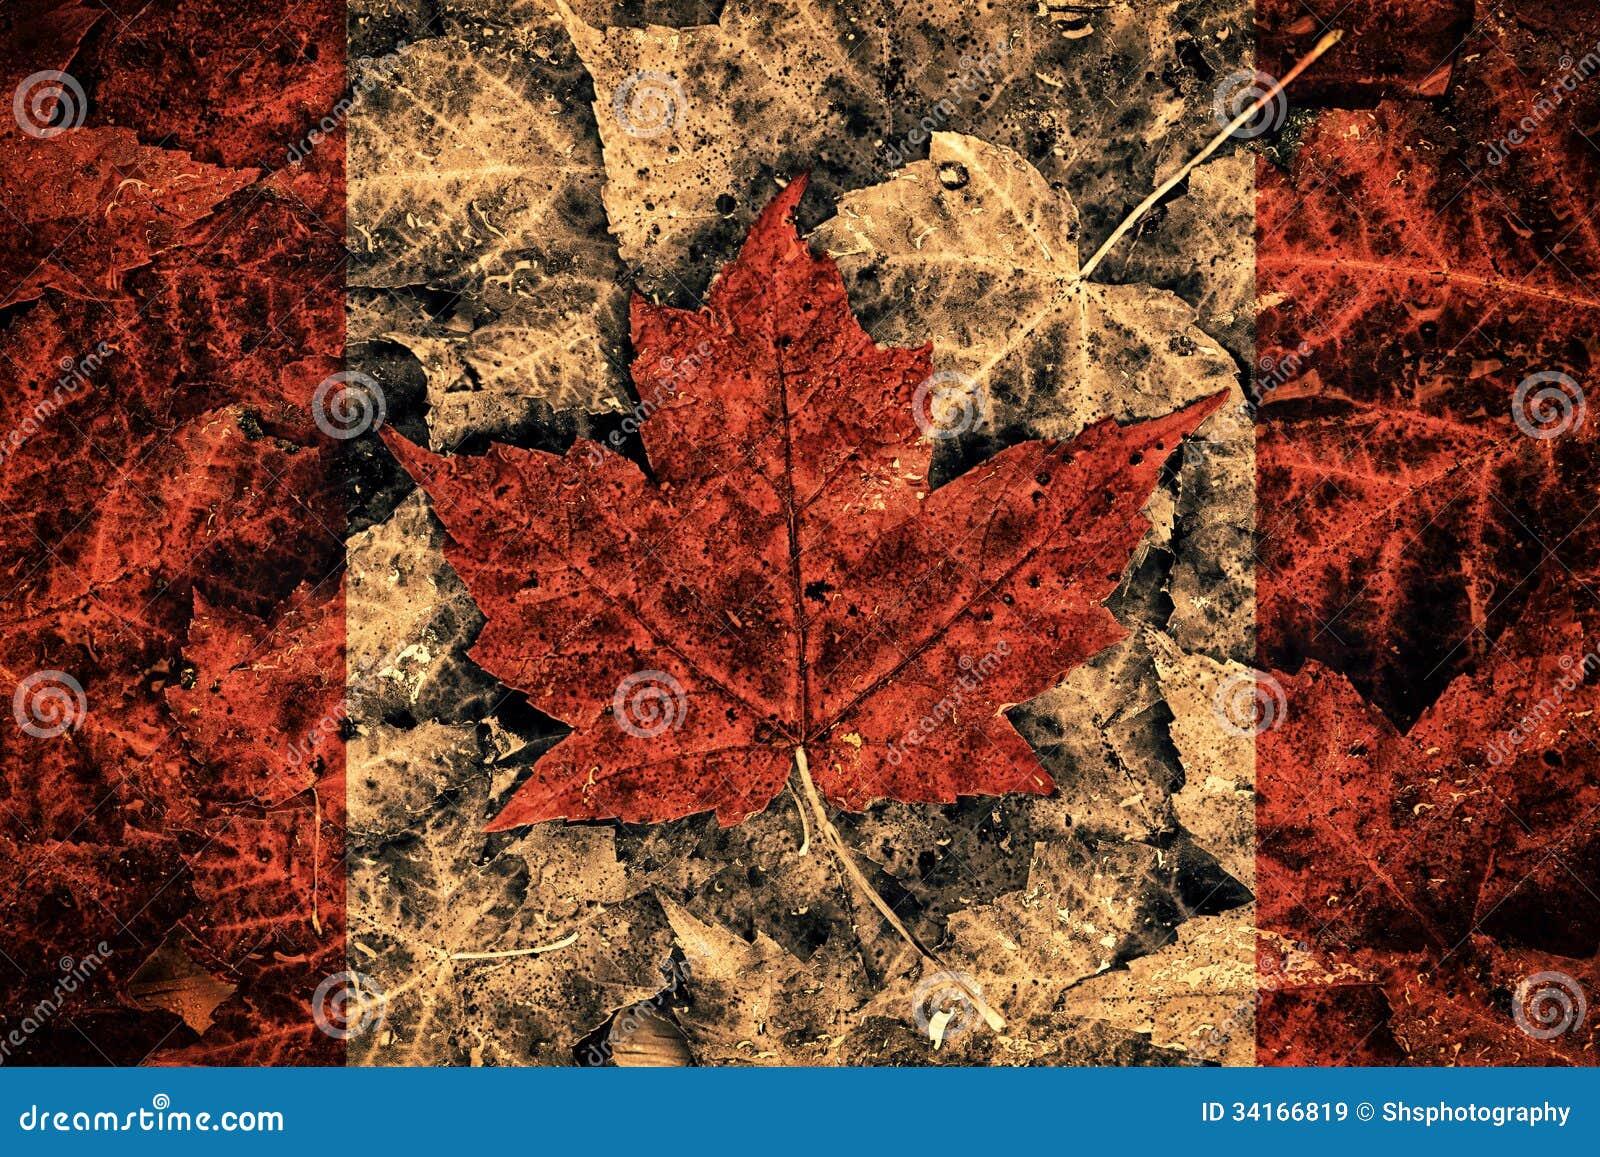 real leaf canada flag stock illustration  image of grunge